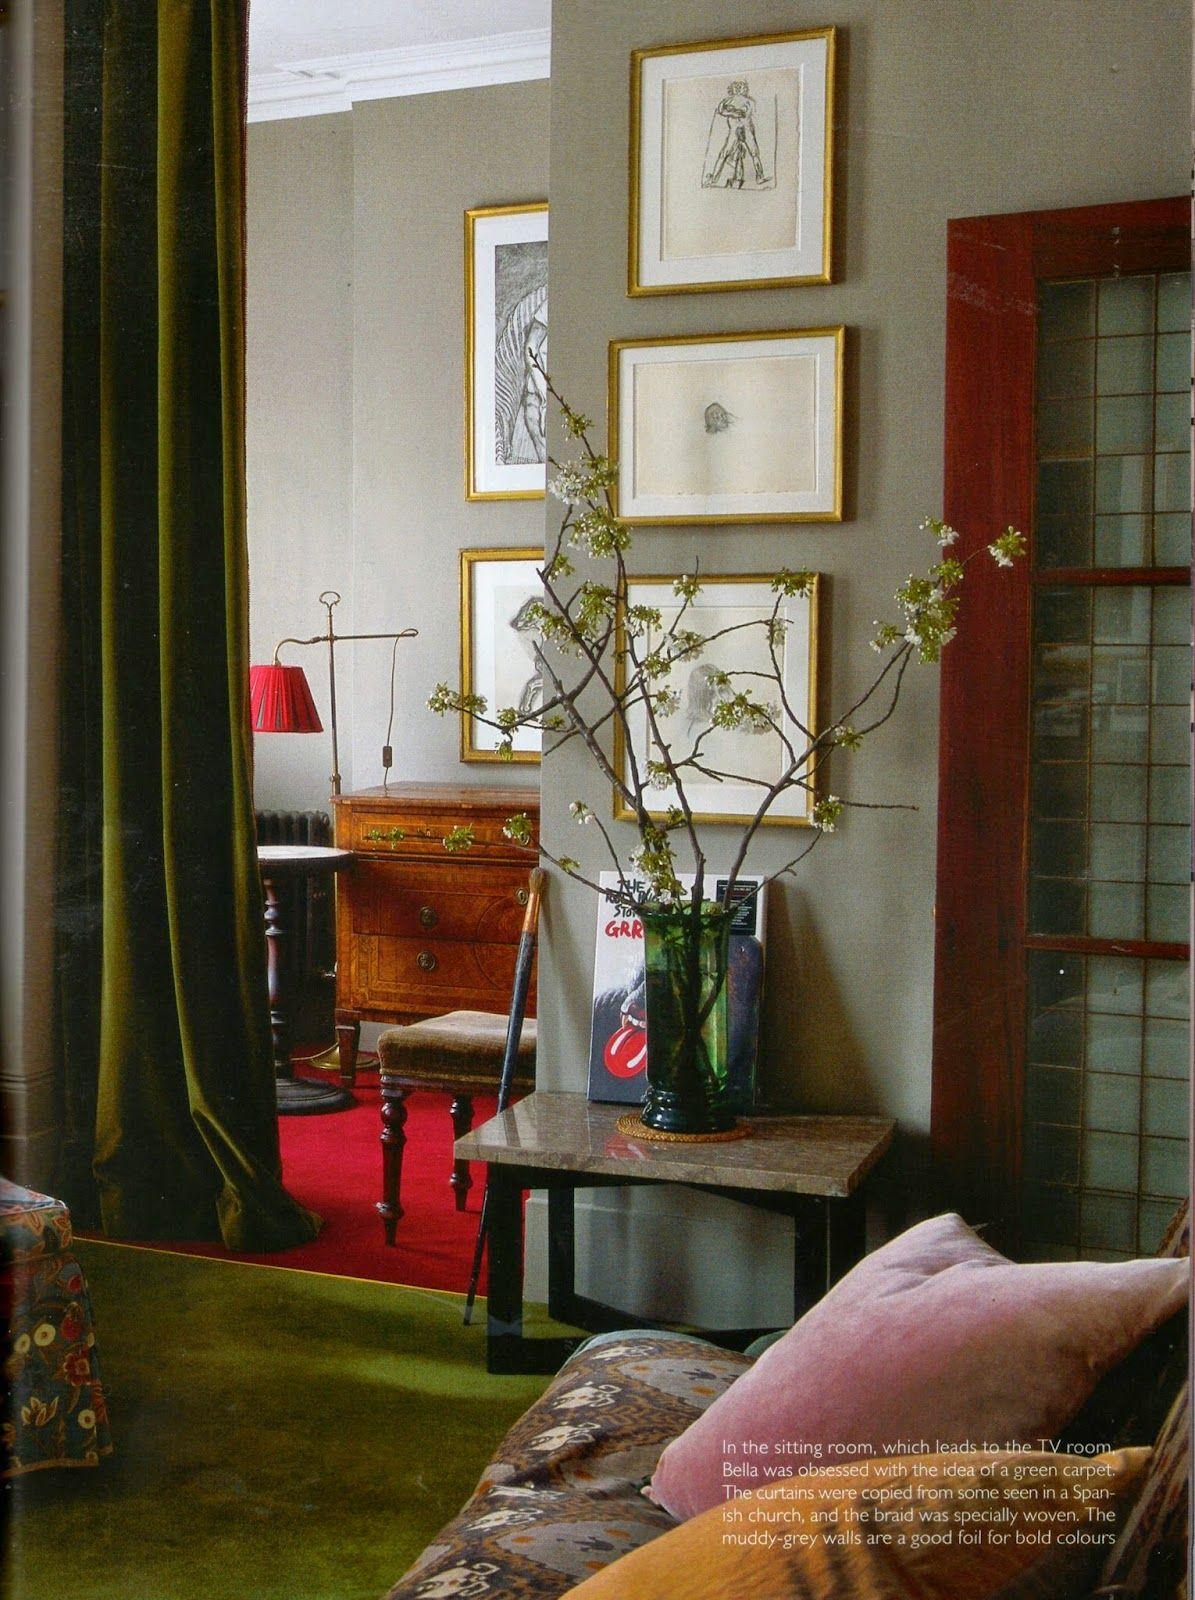 Karen Barlow Bella Freud S London Home Designed With Retrovious